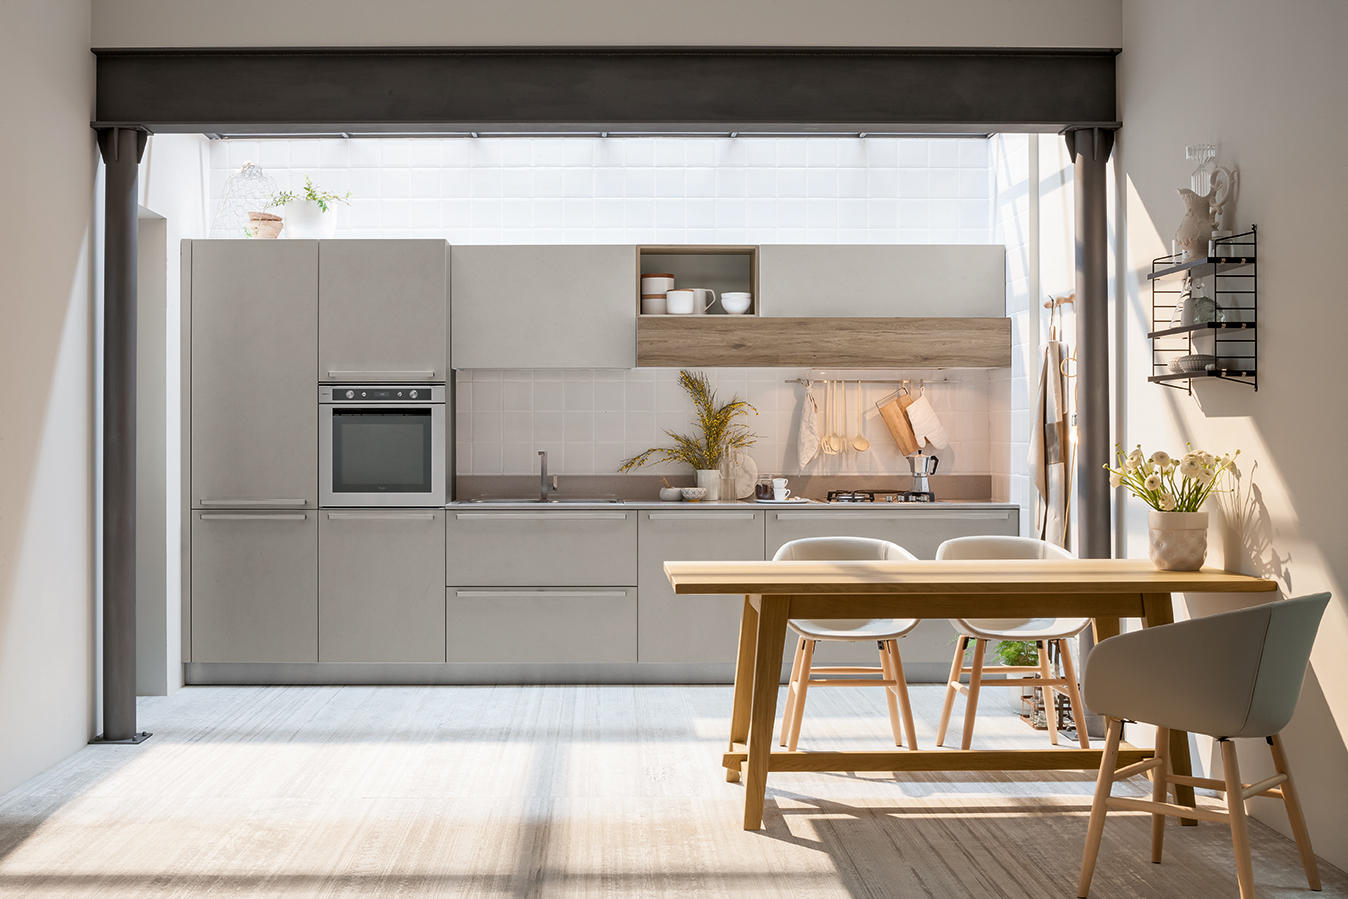 Start time cucine a parete veneta cucine architonic - Cucine a parete ...